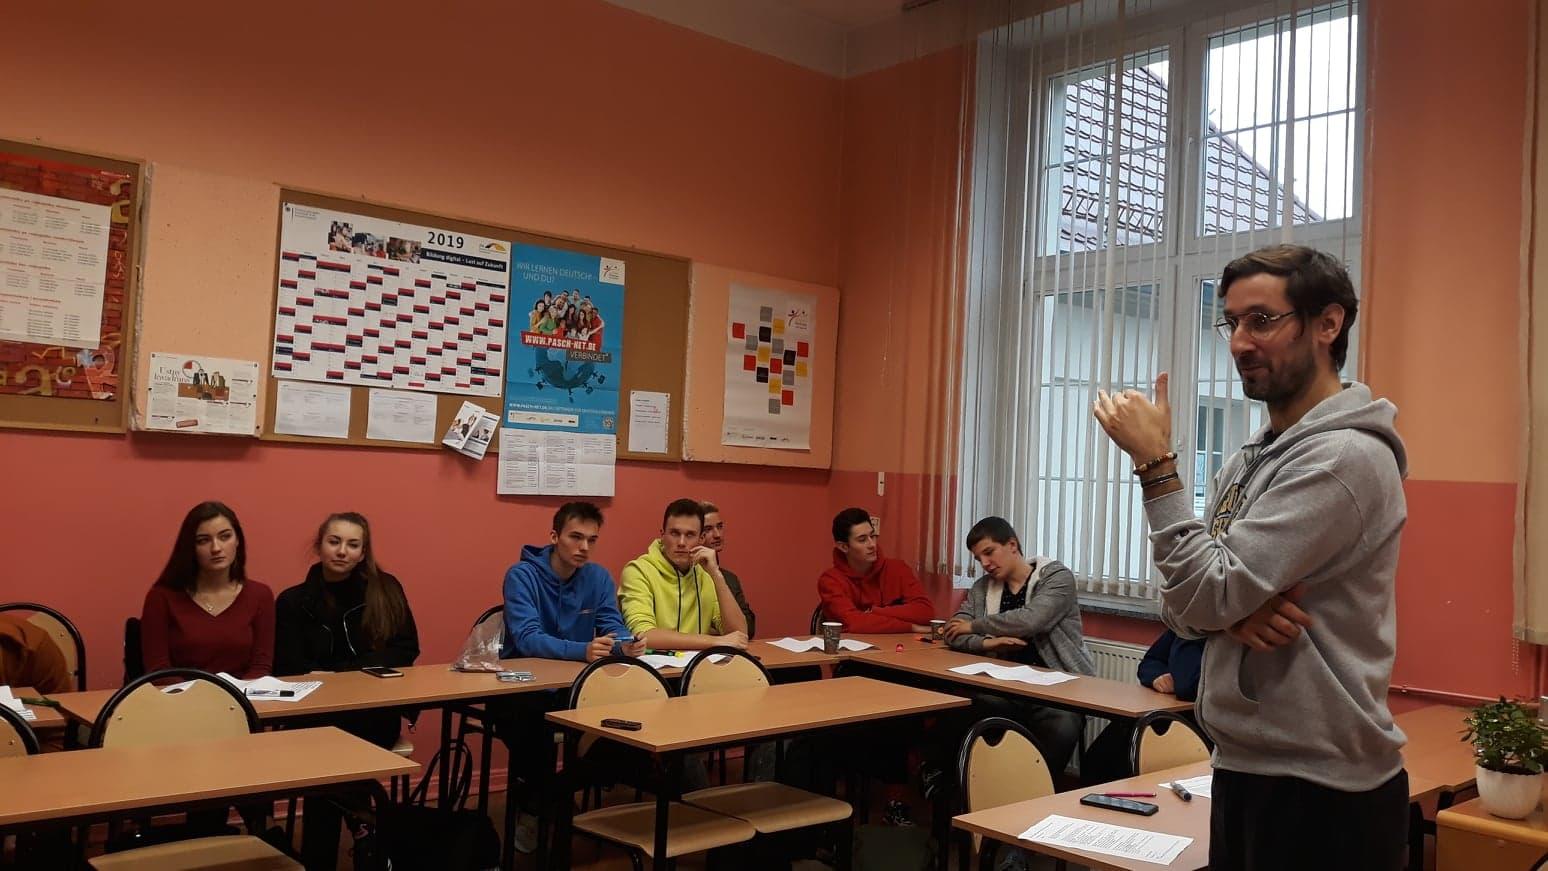 """Spotkanie w ramach projektu badawczego pn. """"Zachowania problemowe młodzieży"""" w I LO, 09.12.19"""